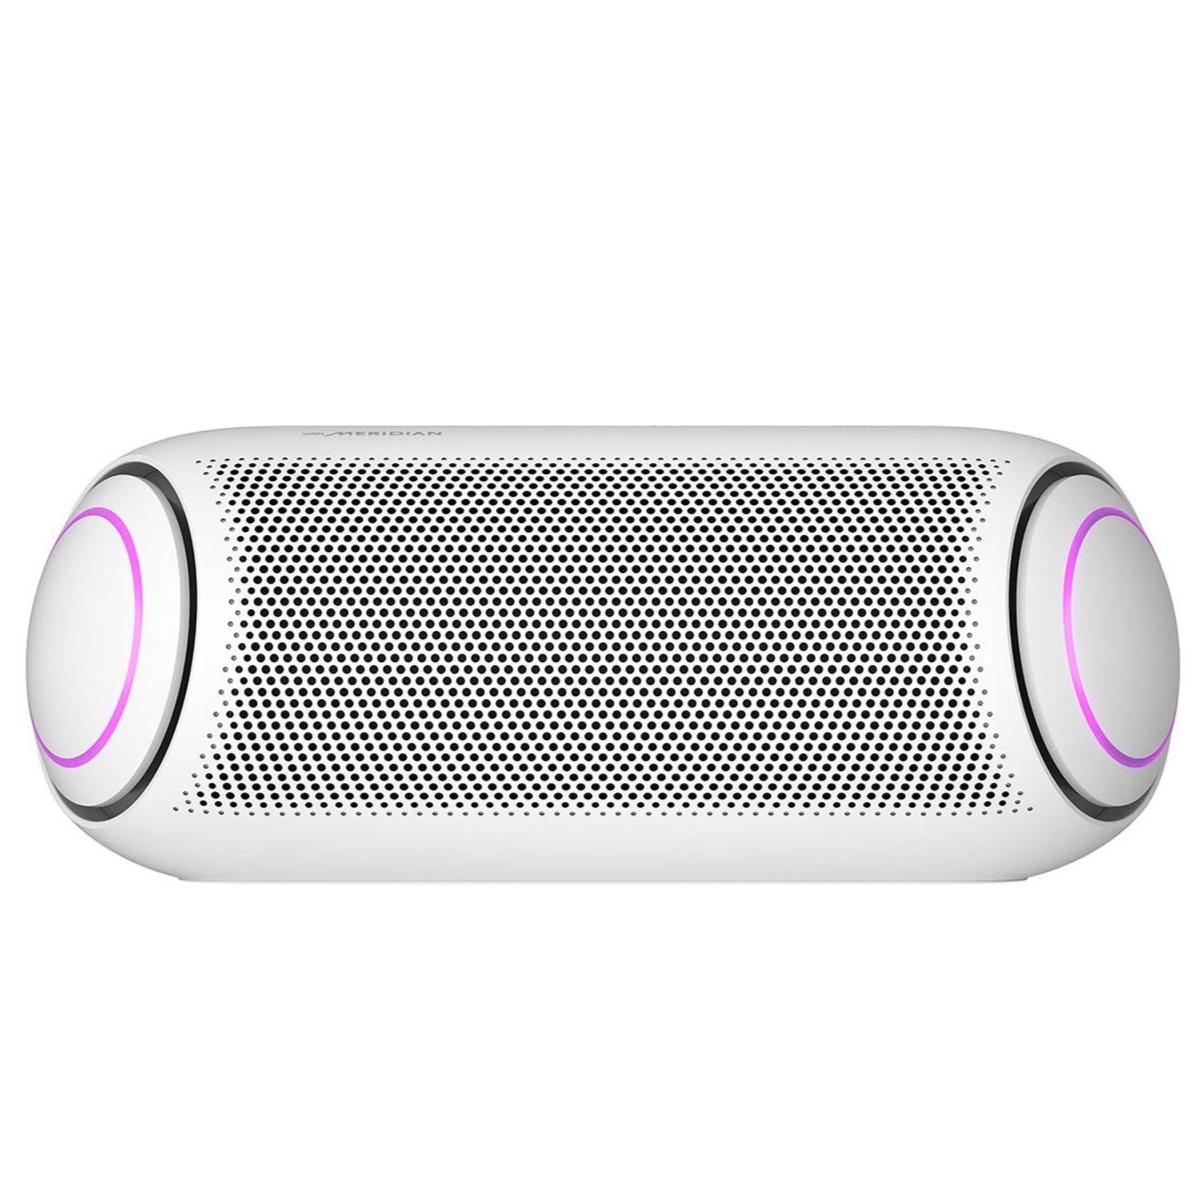 Caixa de Som LG Xboom Go PL7 Portatil Bluetooth IPX5 Branca